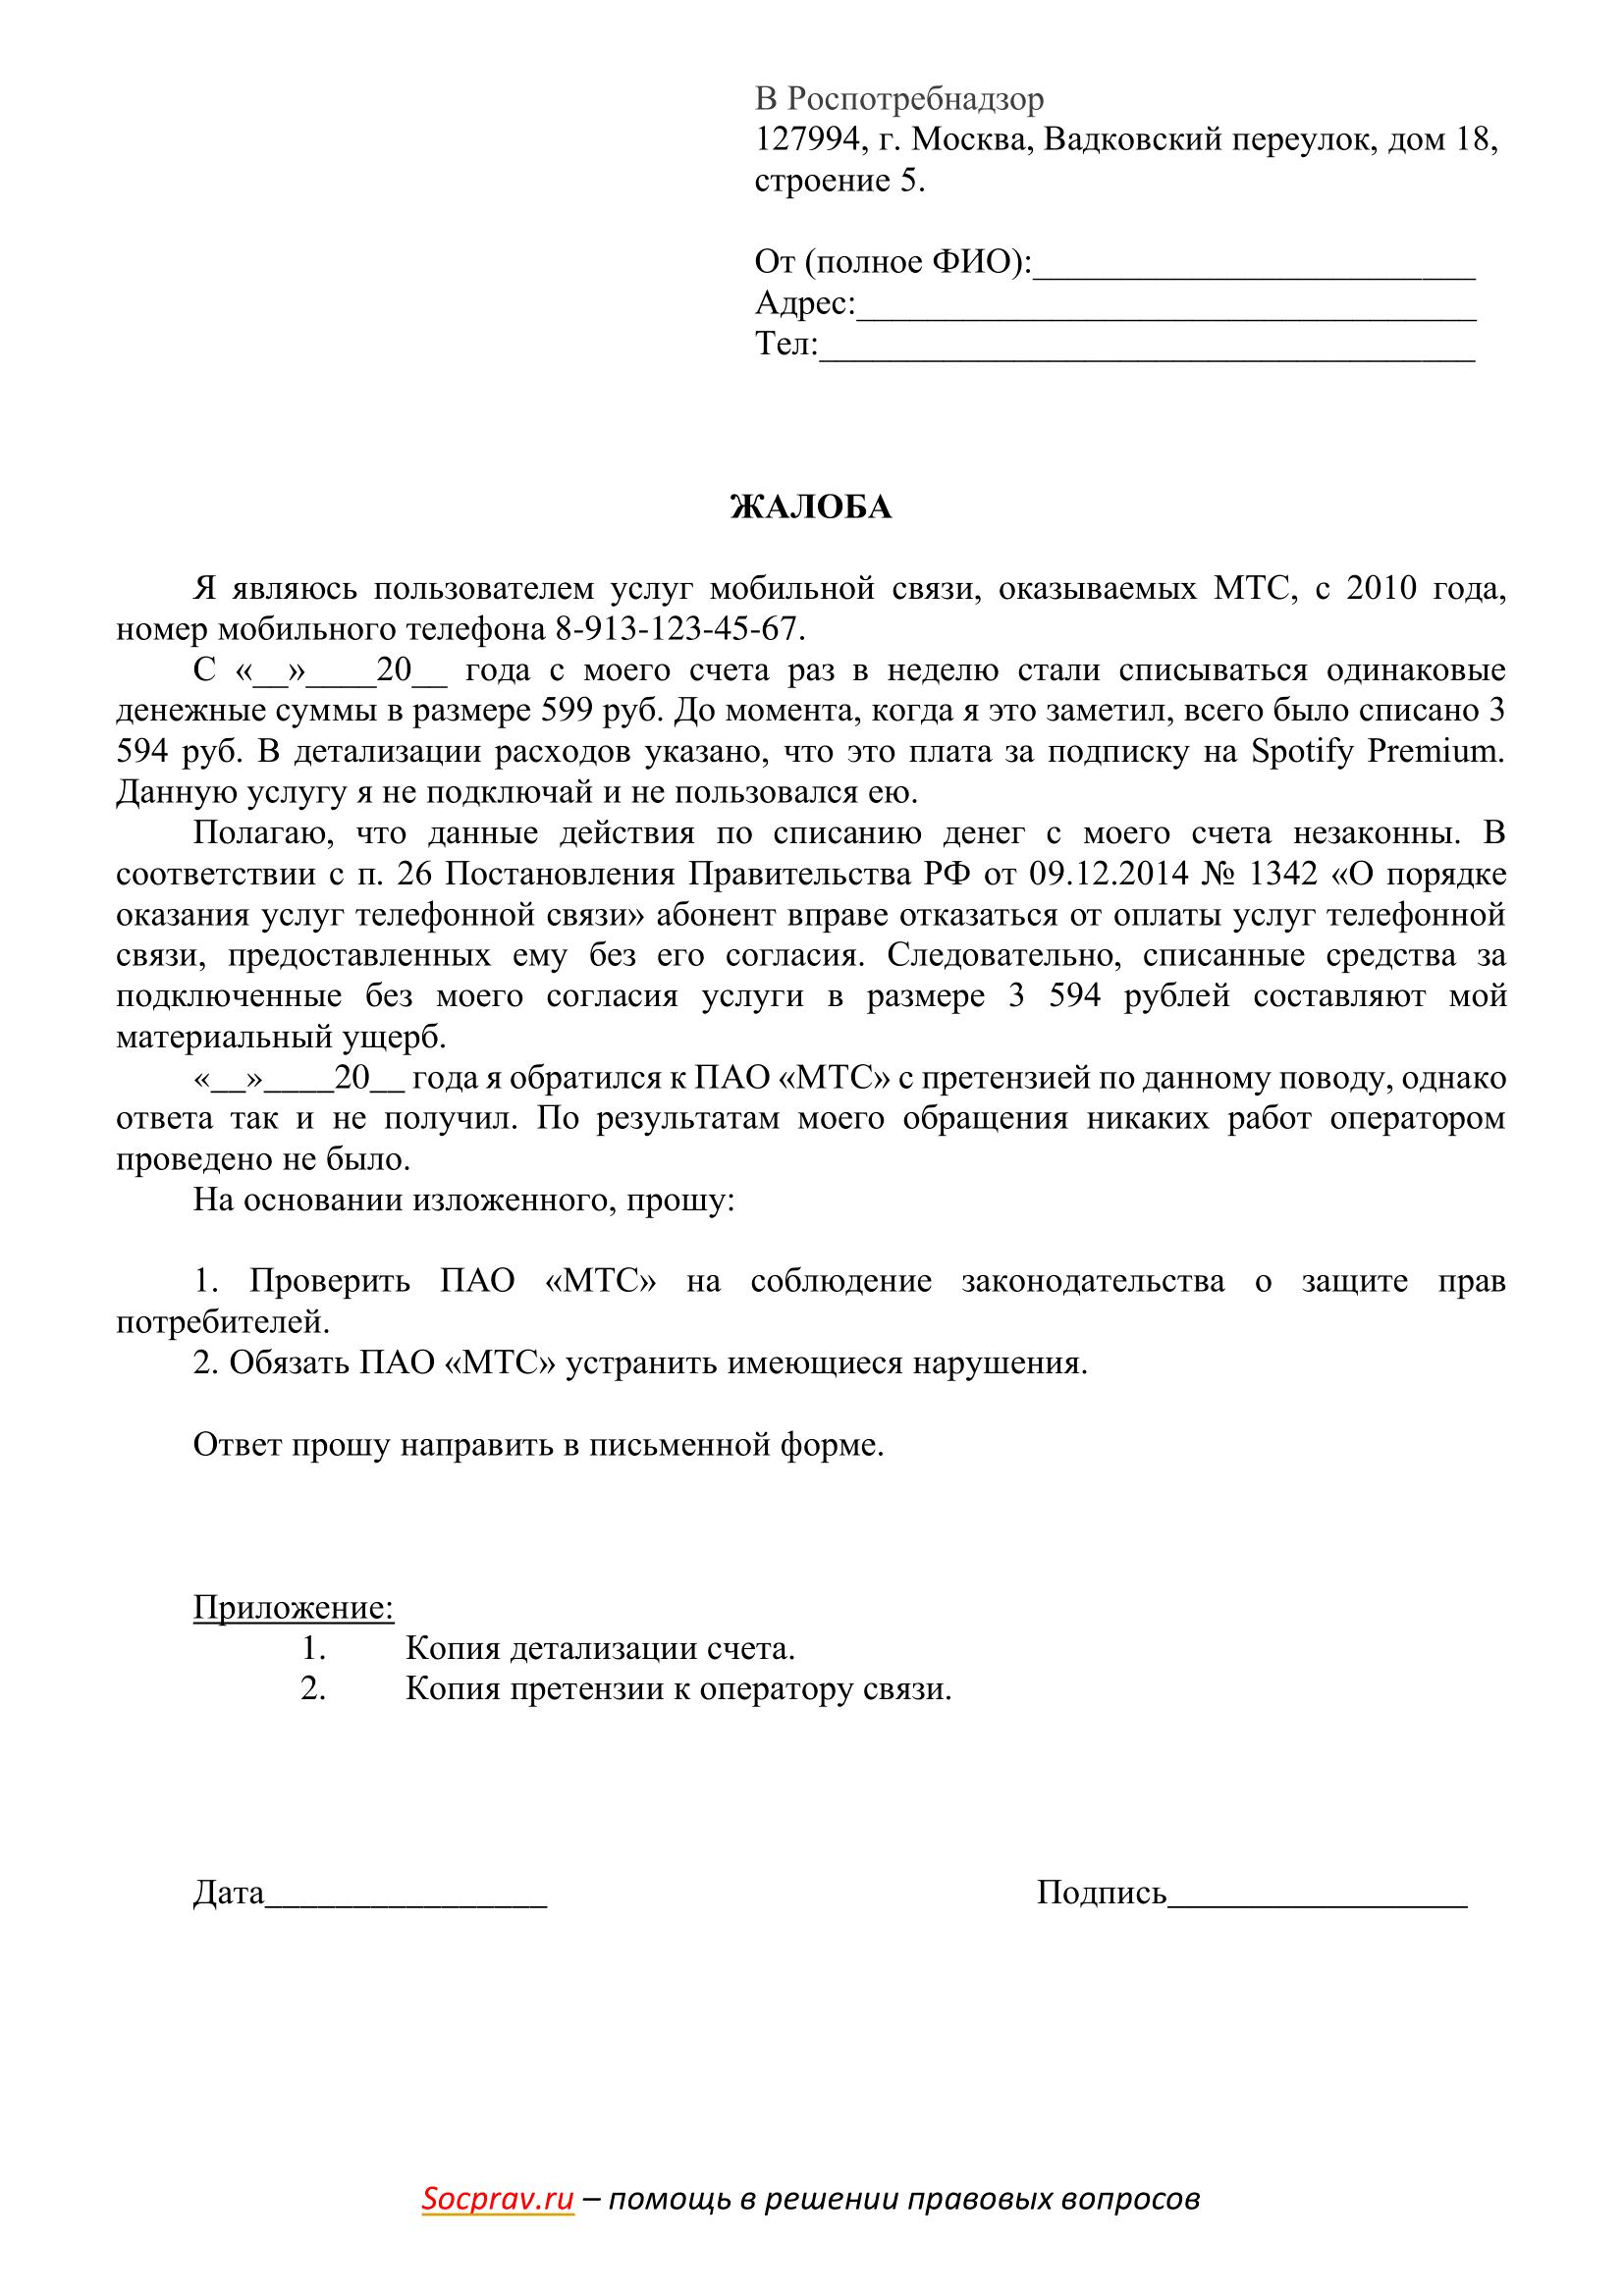 Жалоба на МТС (в Роспотребнадзор)